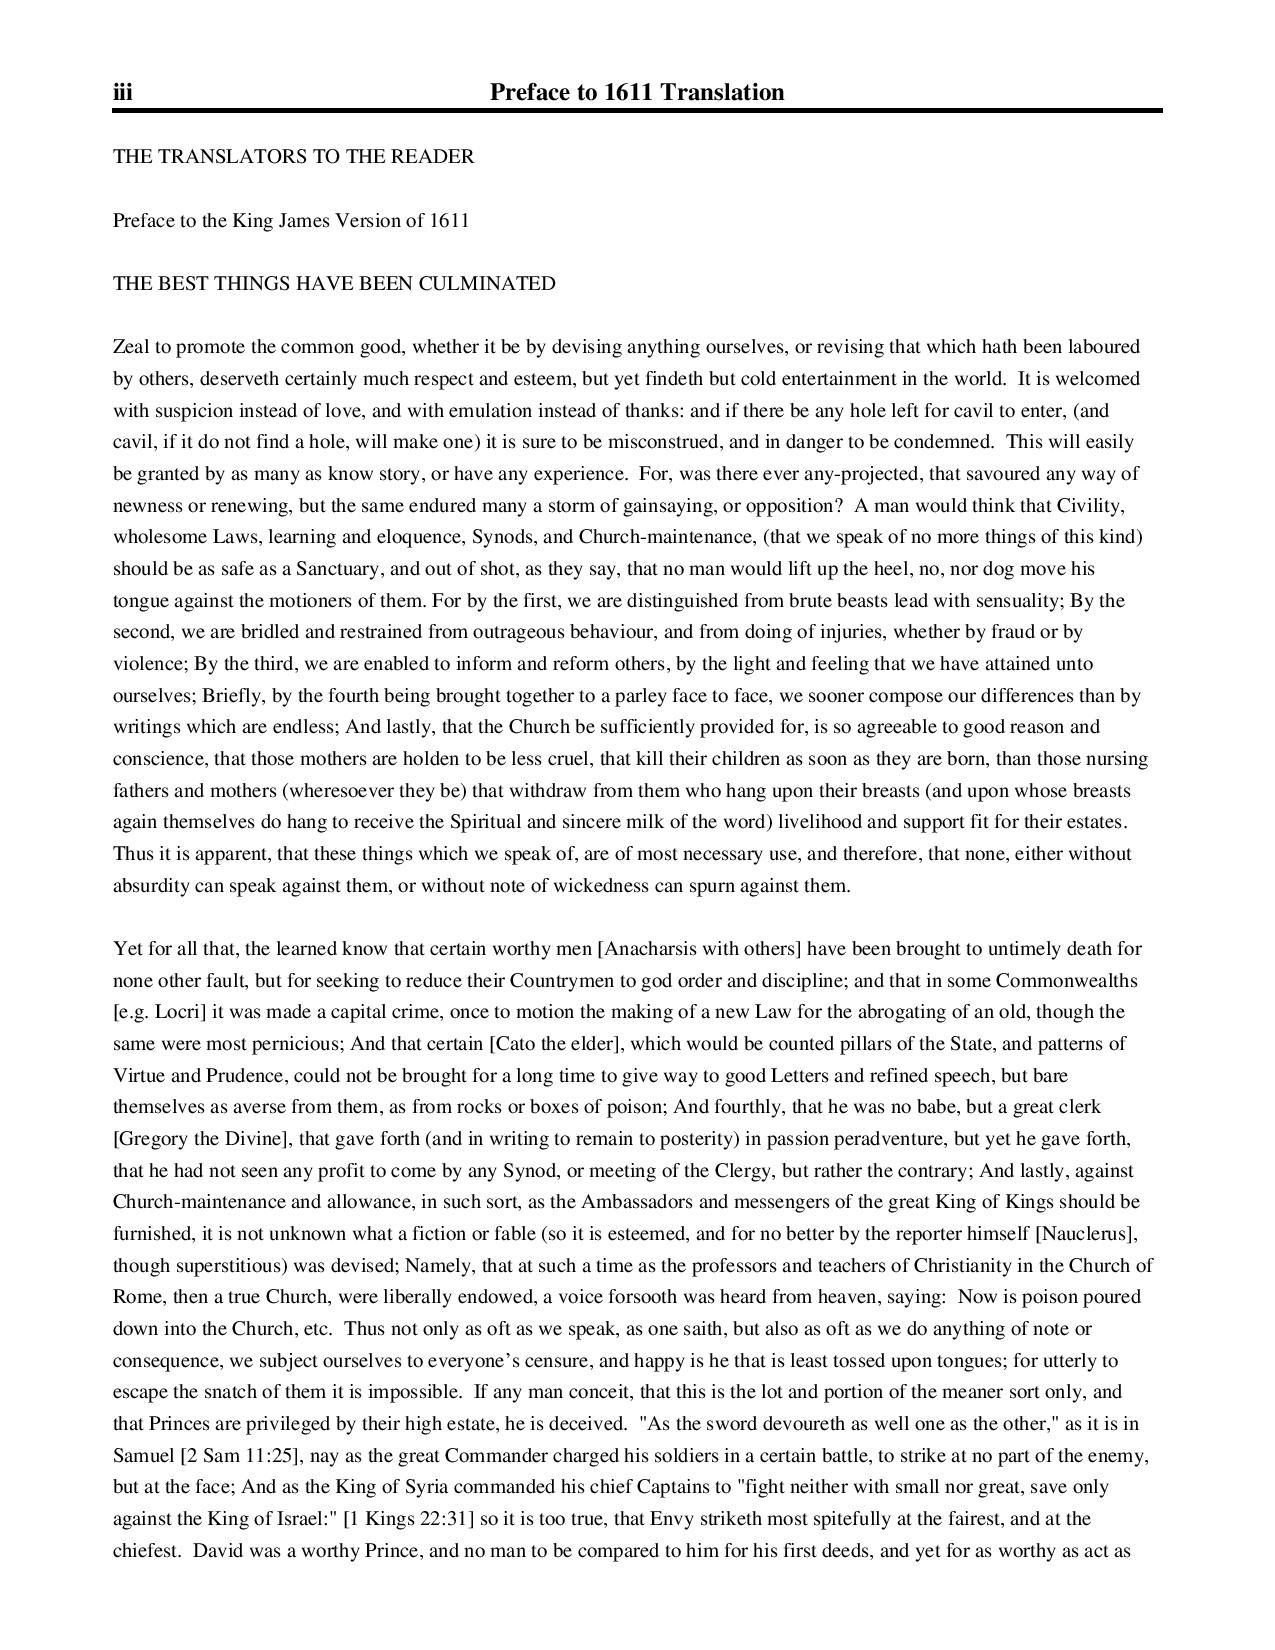 King-James-Bible-KJV-Bible-PDF-page-006